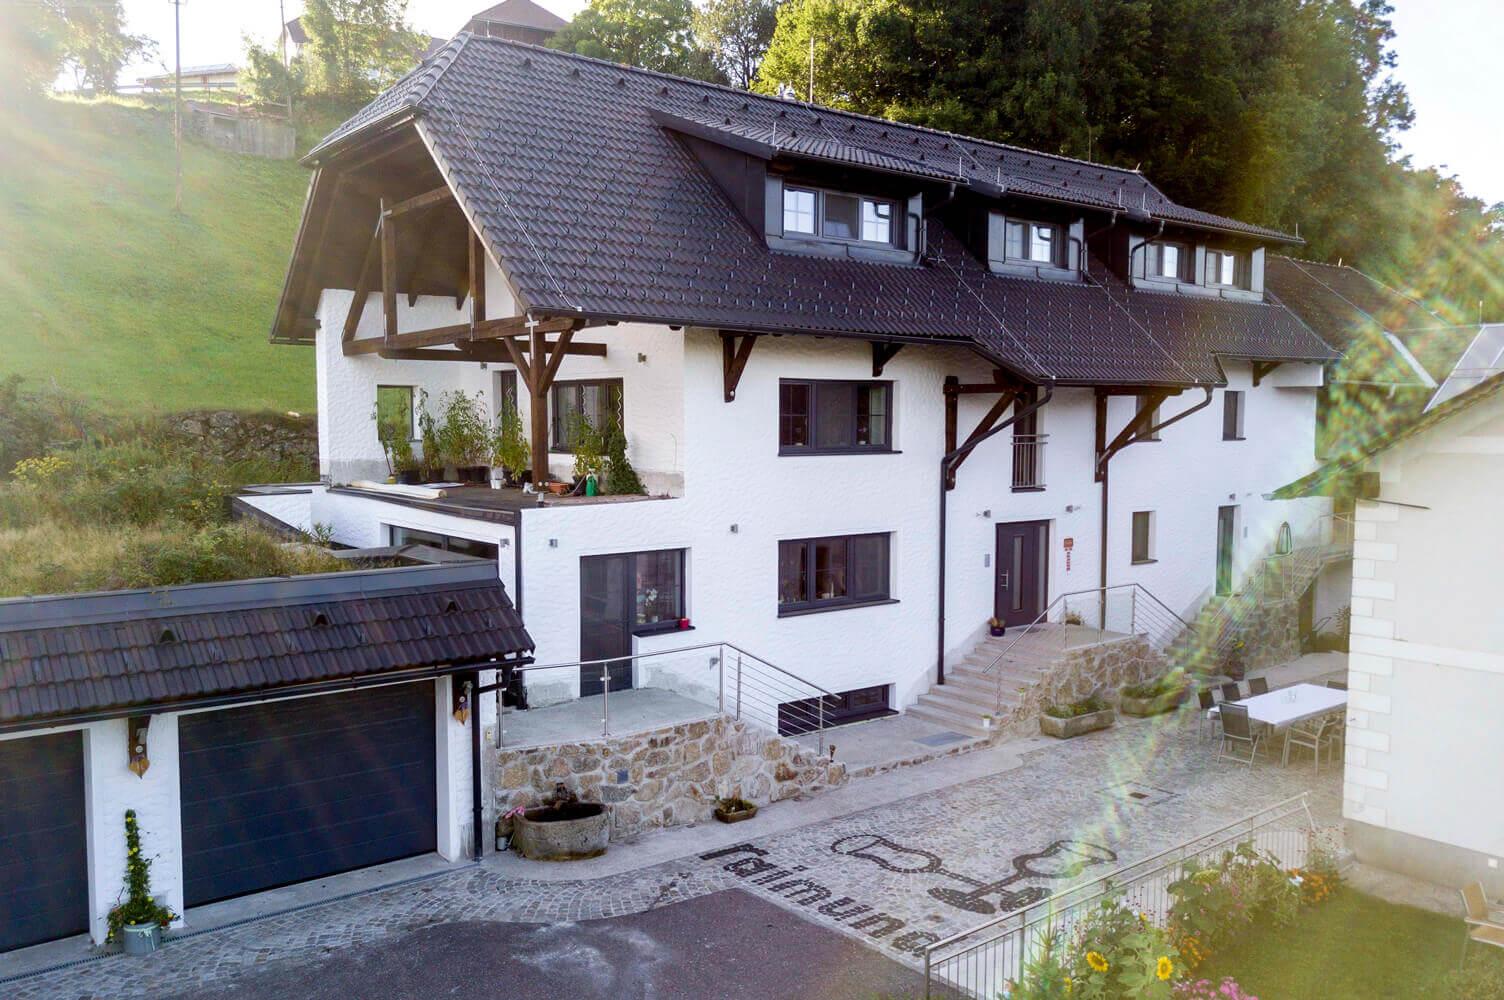 Biohof Raimund Kirchschlag